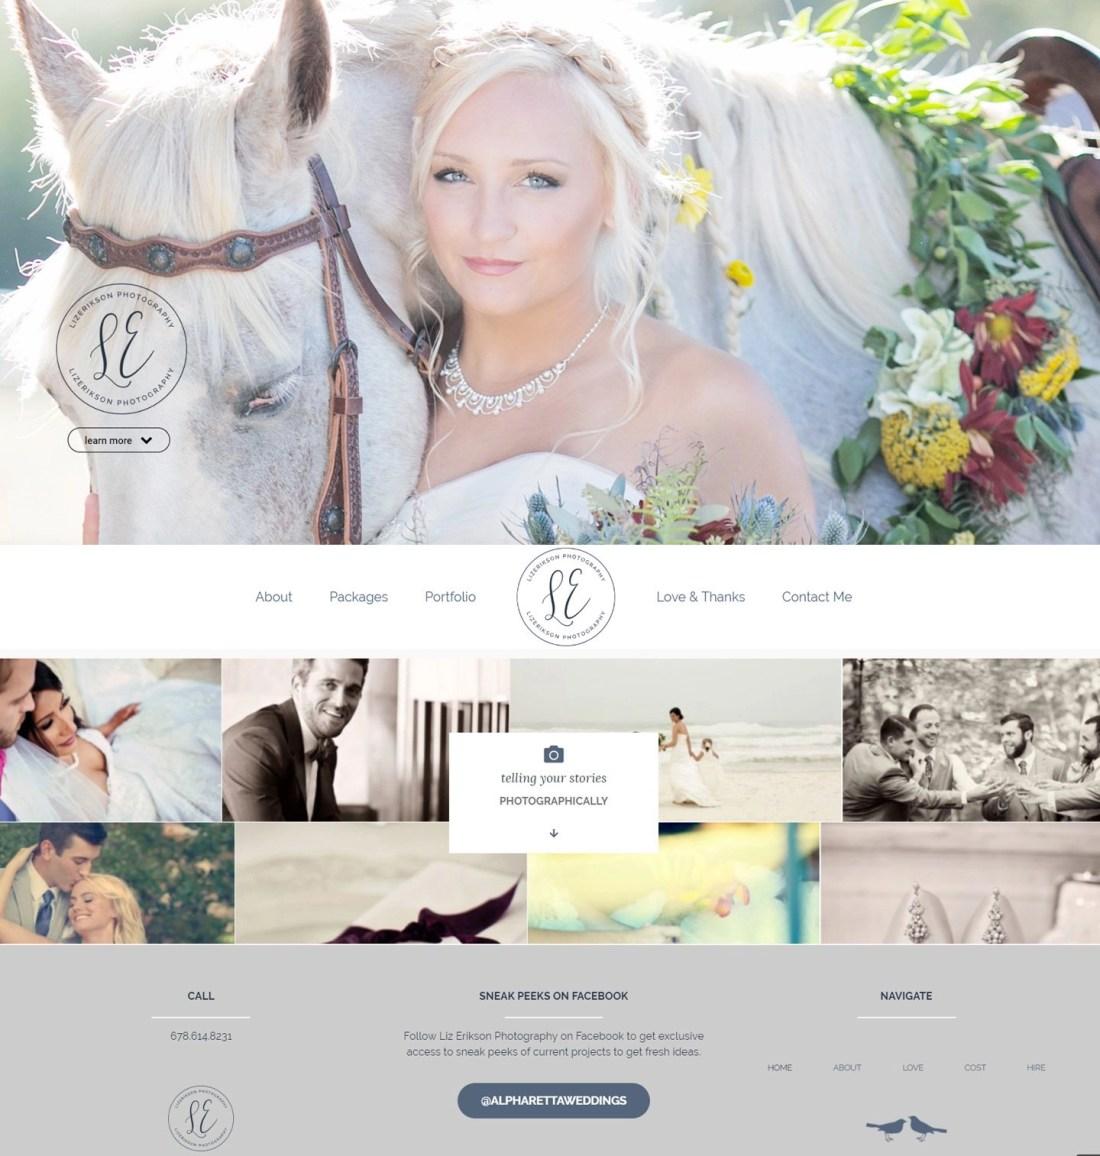 Alpharetta Small Business Website Design - Liz Erikson Photography